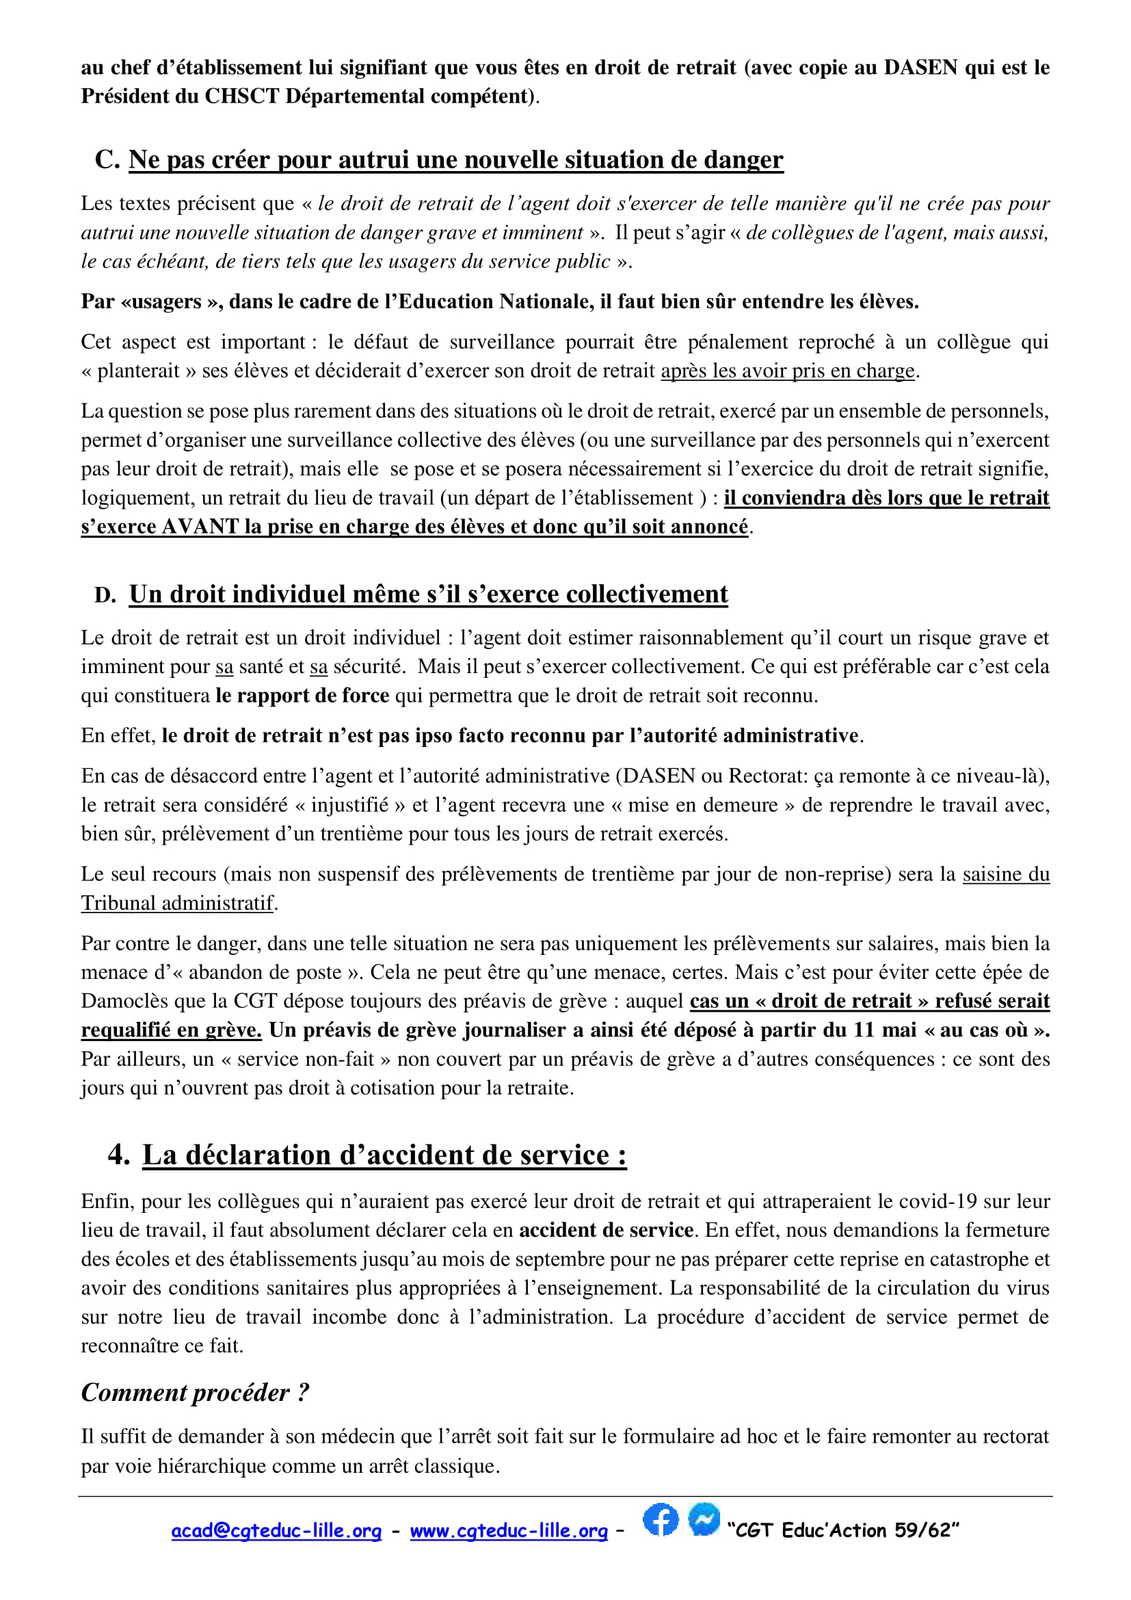 La fiche de la CGT Educ'action 59/62 sur l'exercice du droit de retrait dans les collèges et lycées